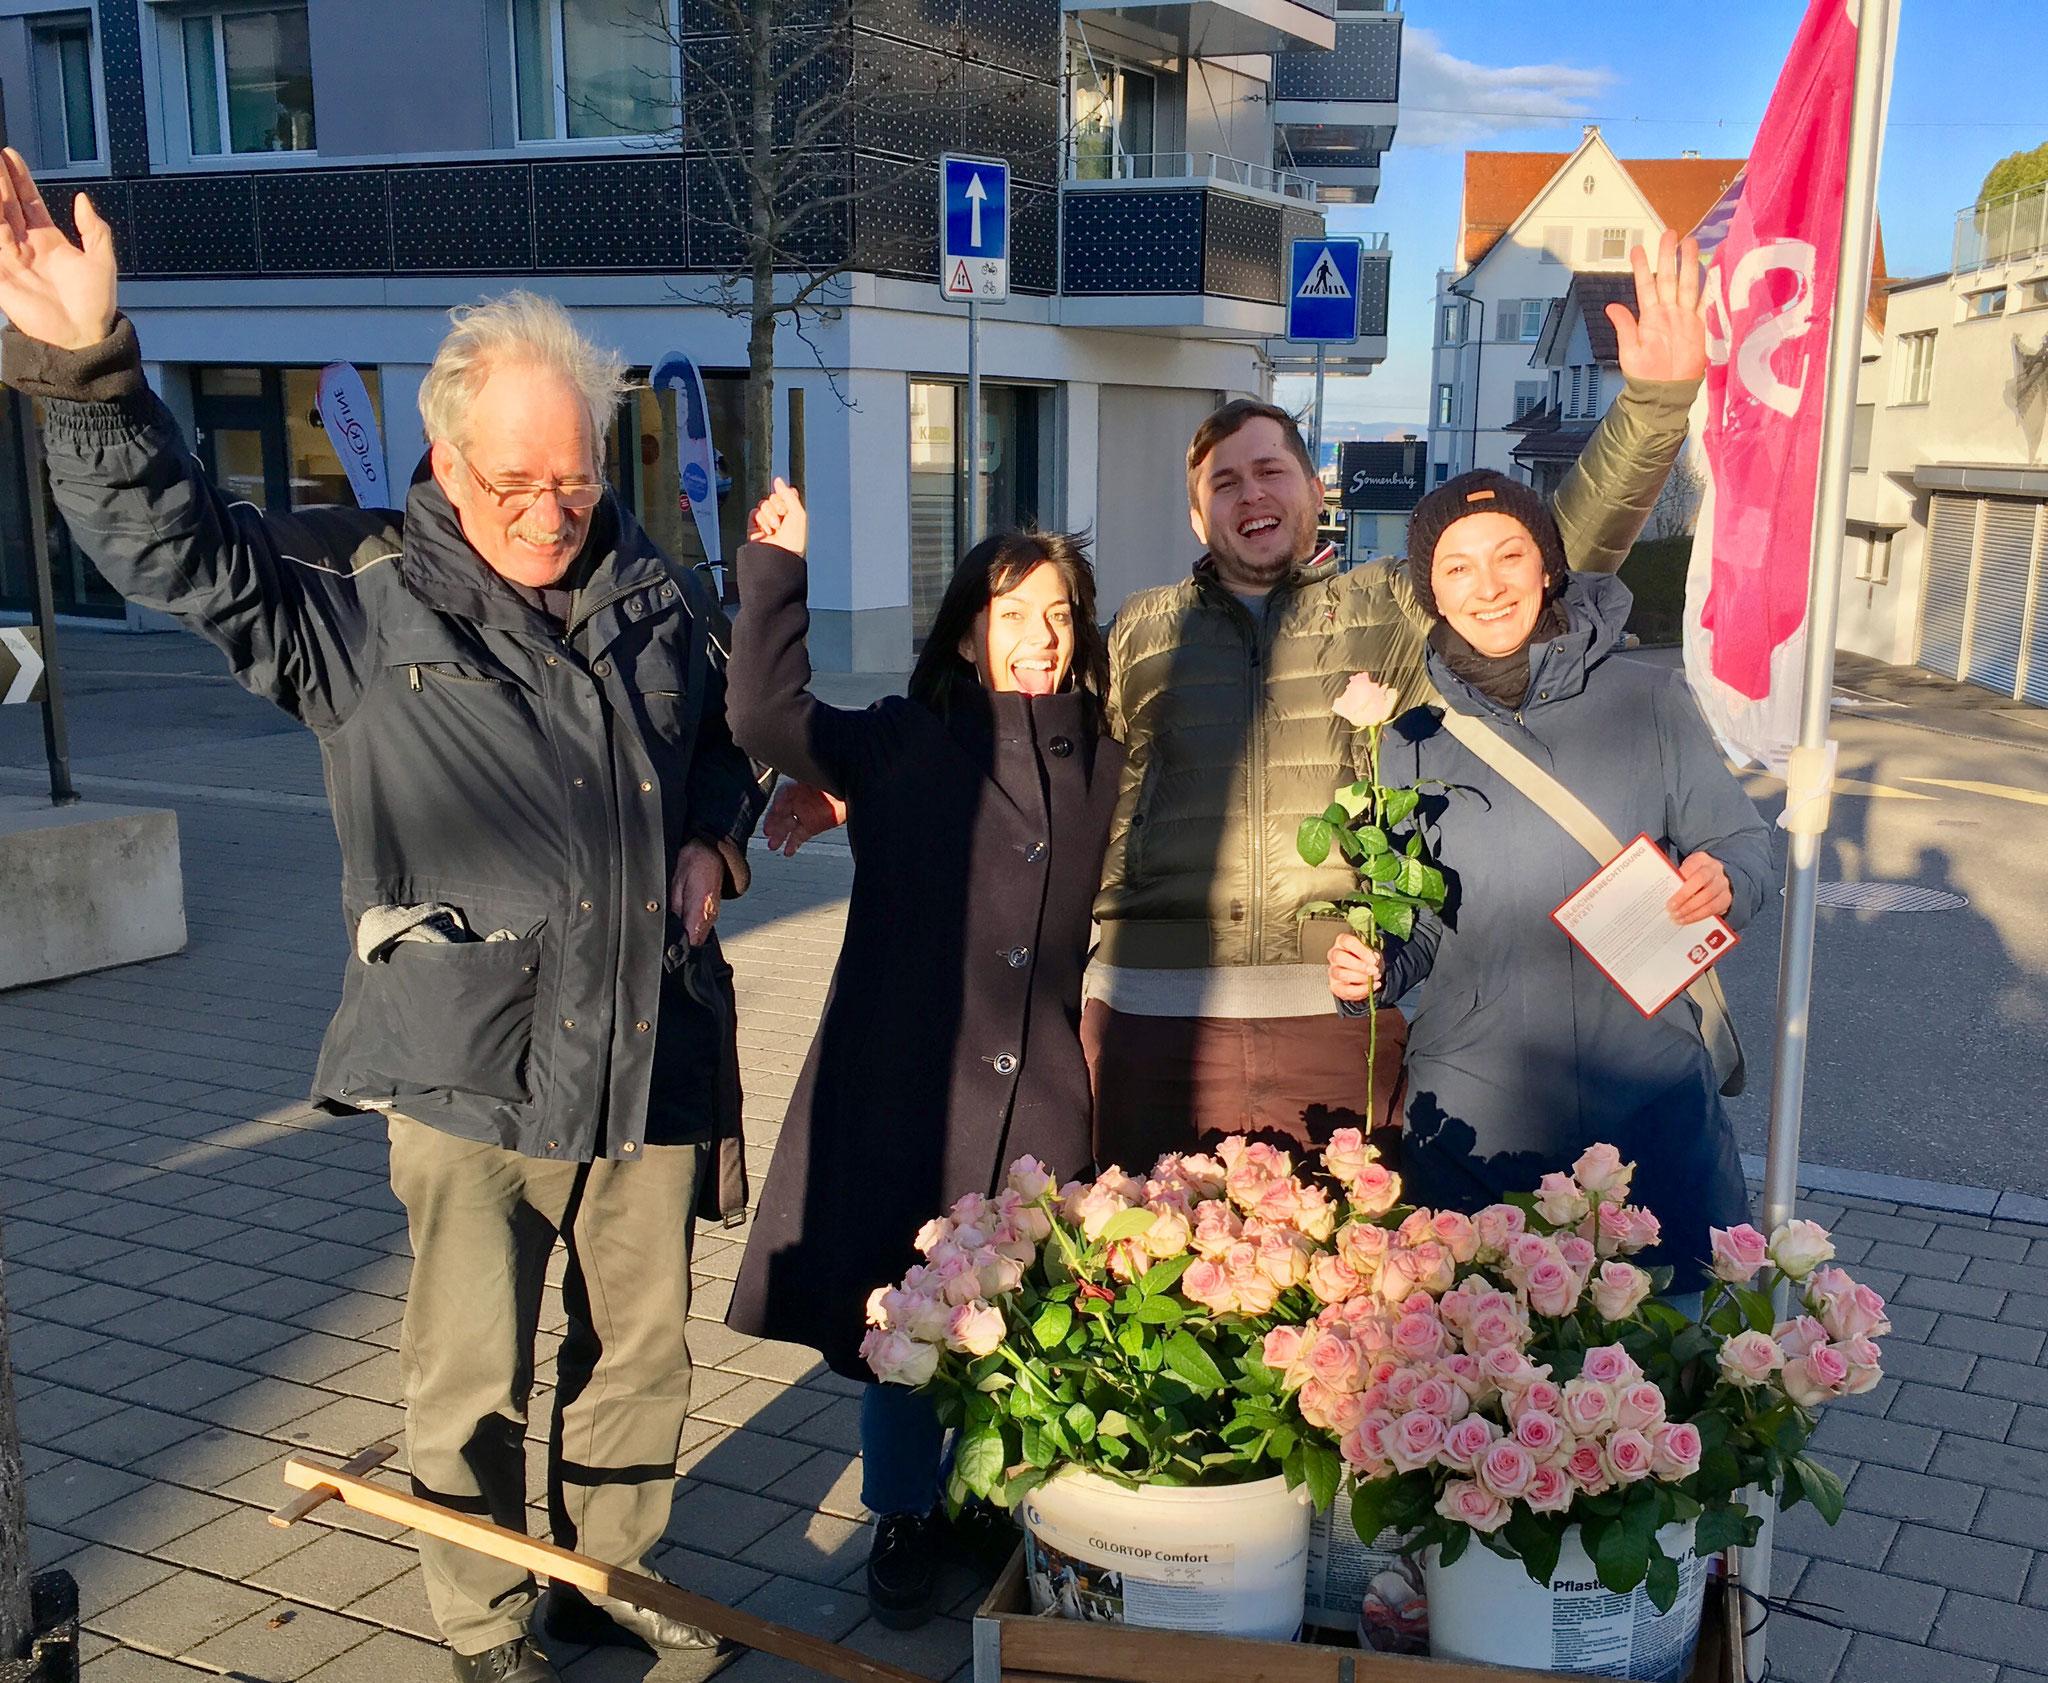 Frauentag, 8. März 2020 - Gleichstellung jetzt - SP Romanshorn unterwegs